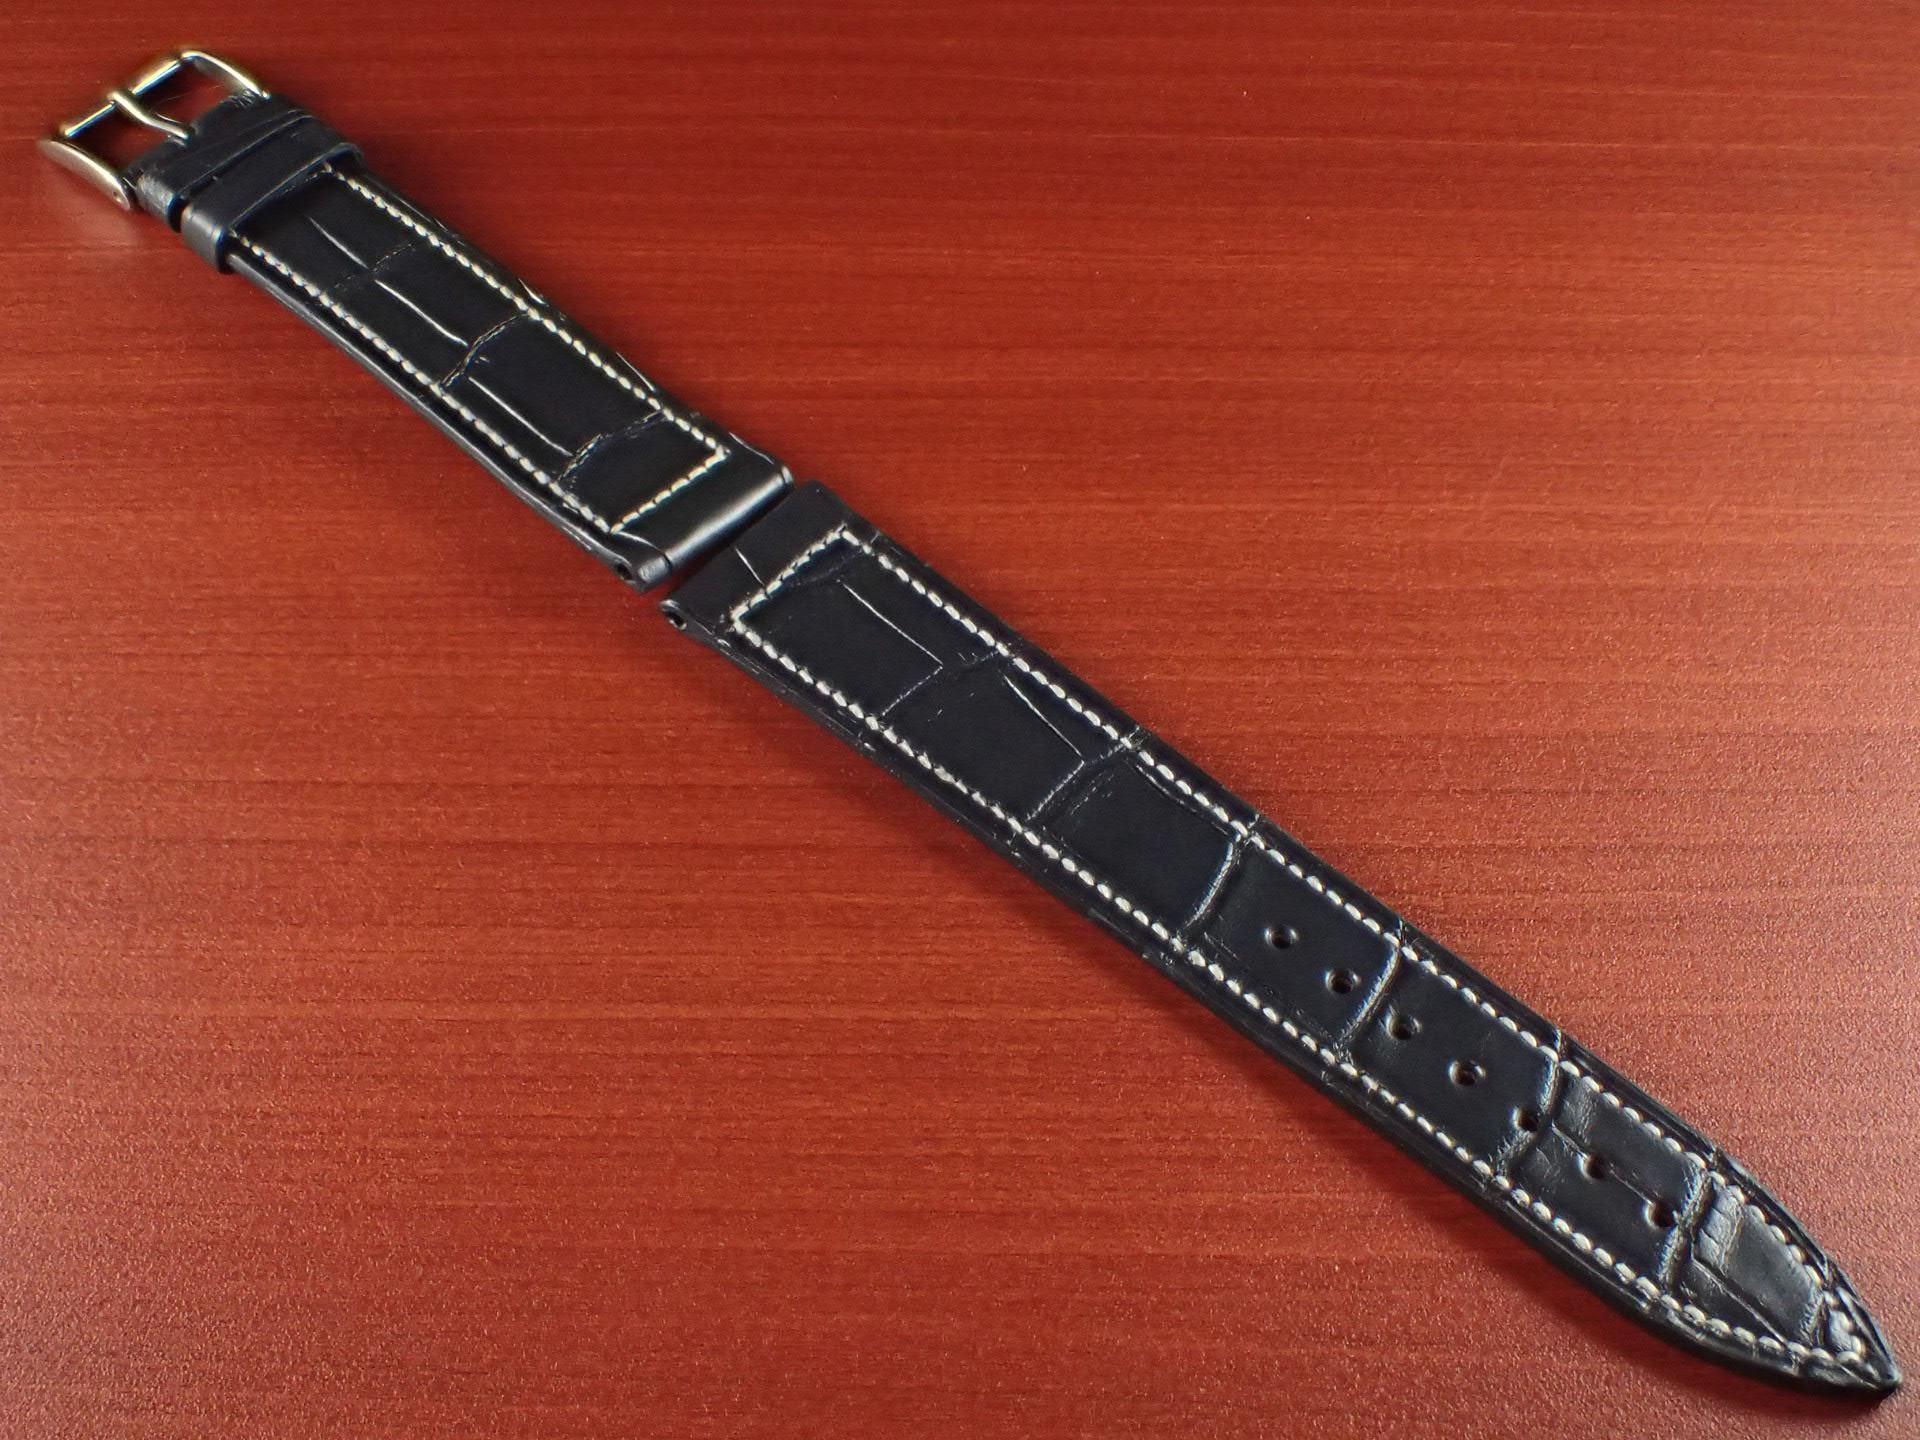 ジャン・クロード ペラン革ベルト クロコダイル ダークグレー 18mmのメイン写真